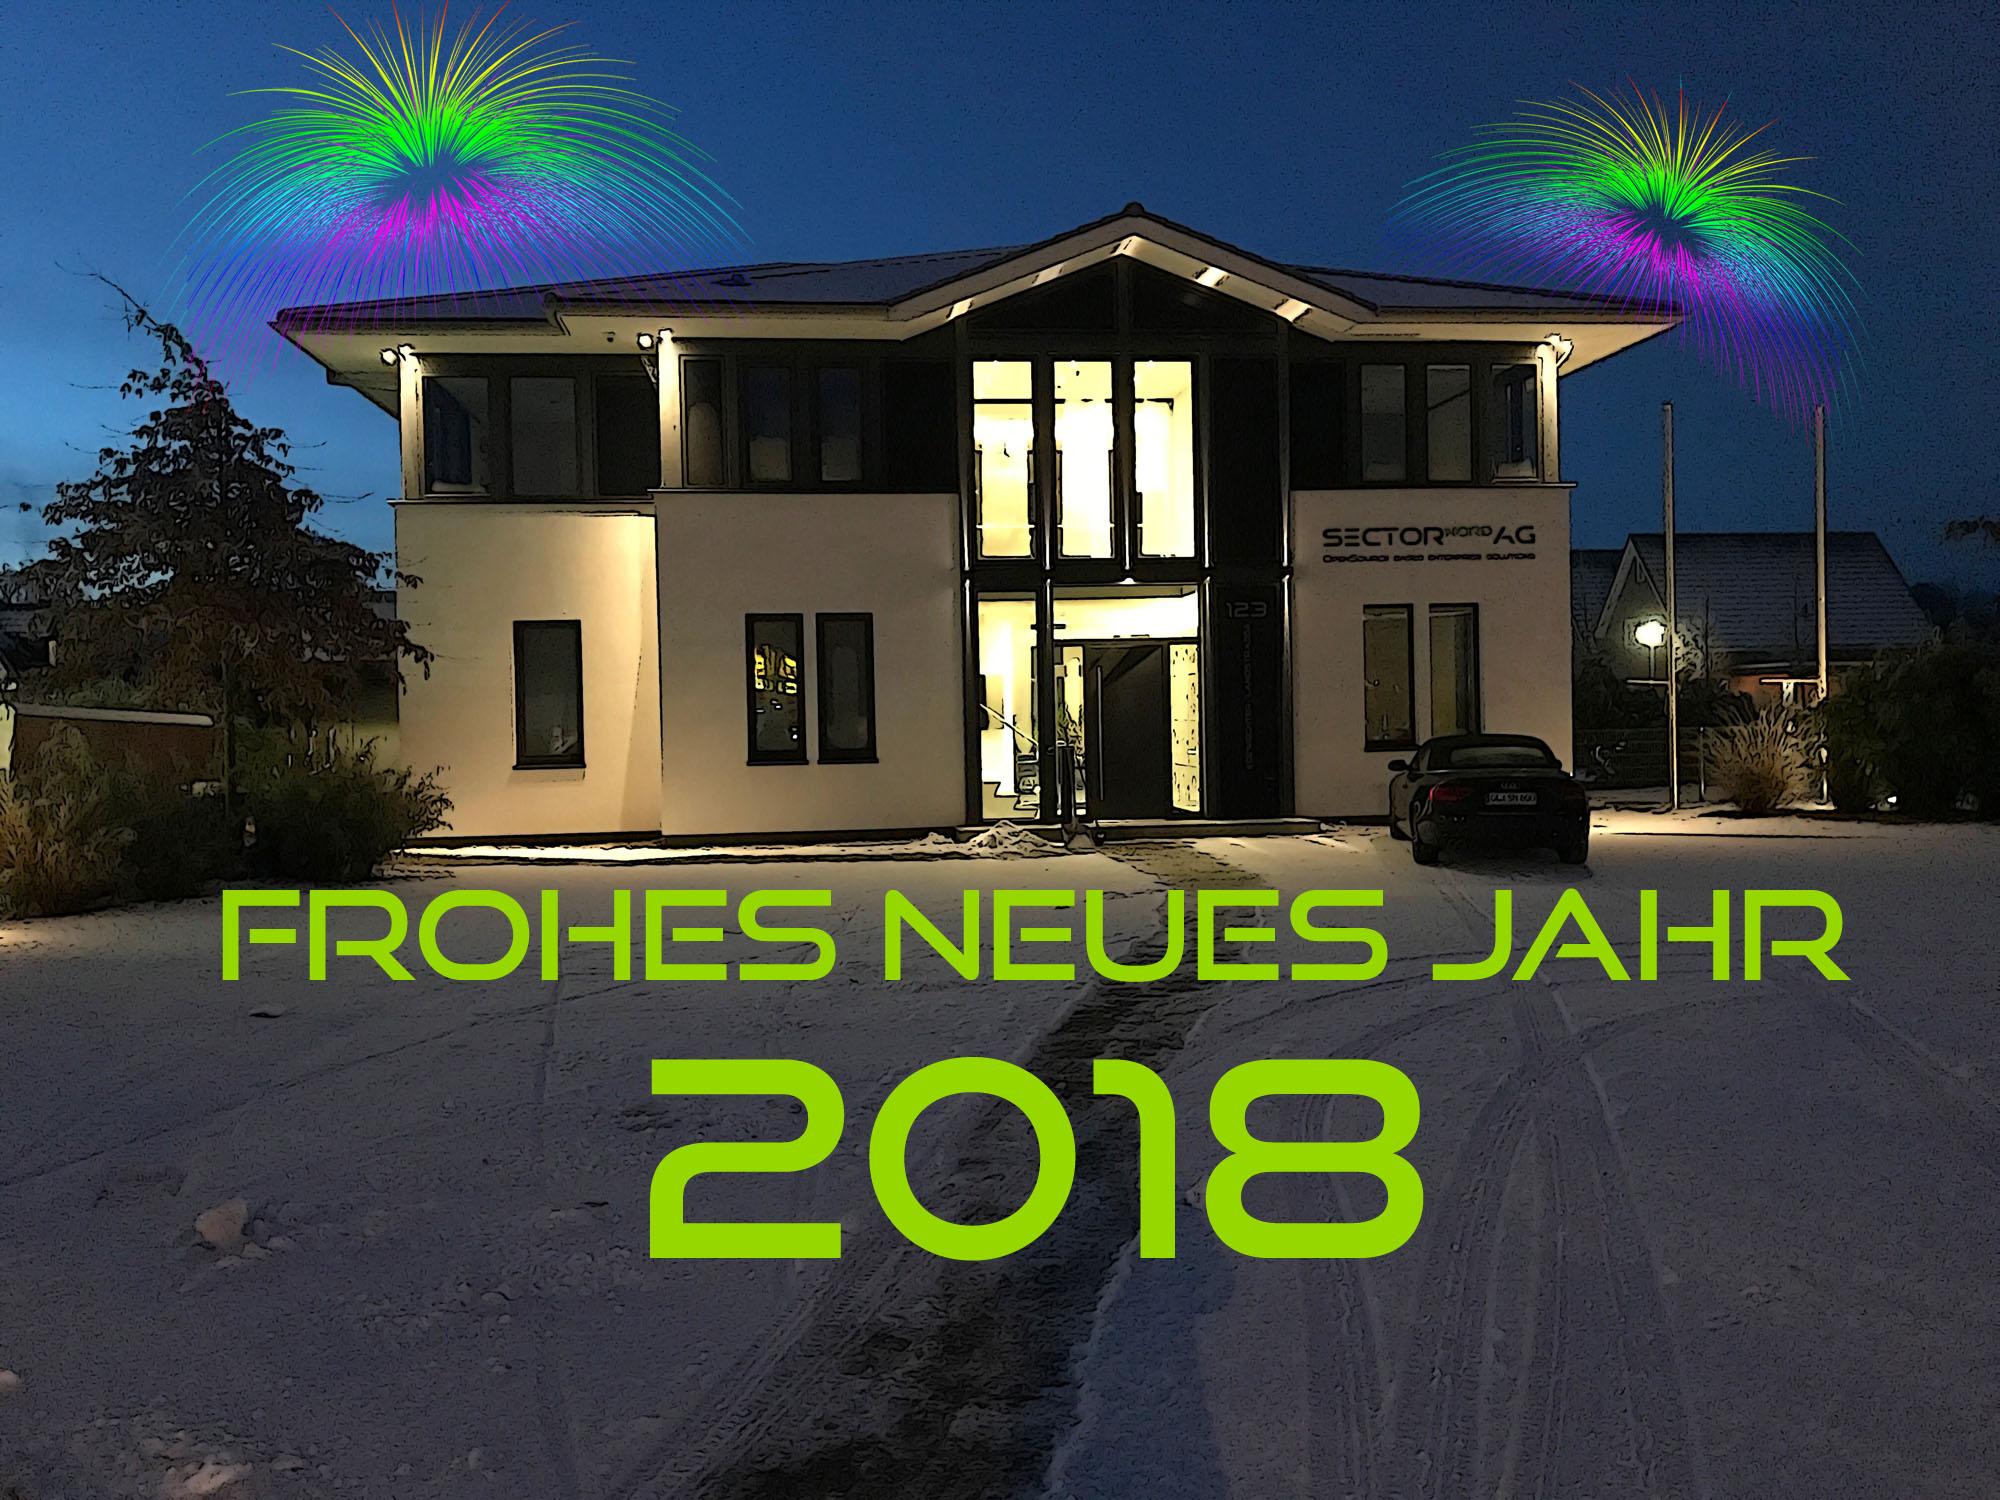 Die Sector Nord AG wünscht ein frohes neues Jahr 2018 - Sector Nord ...